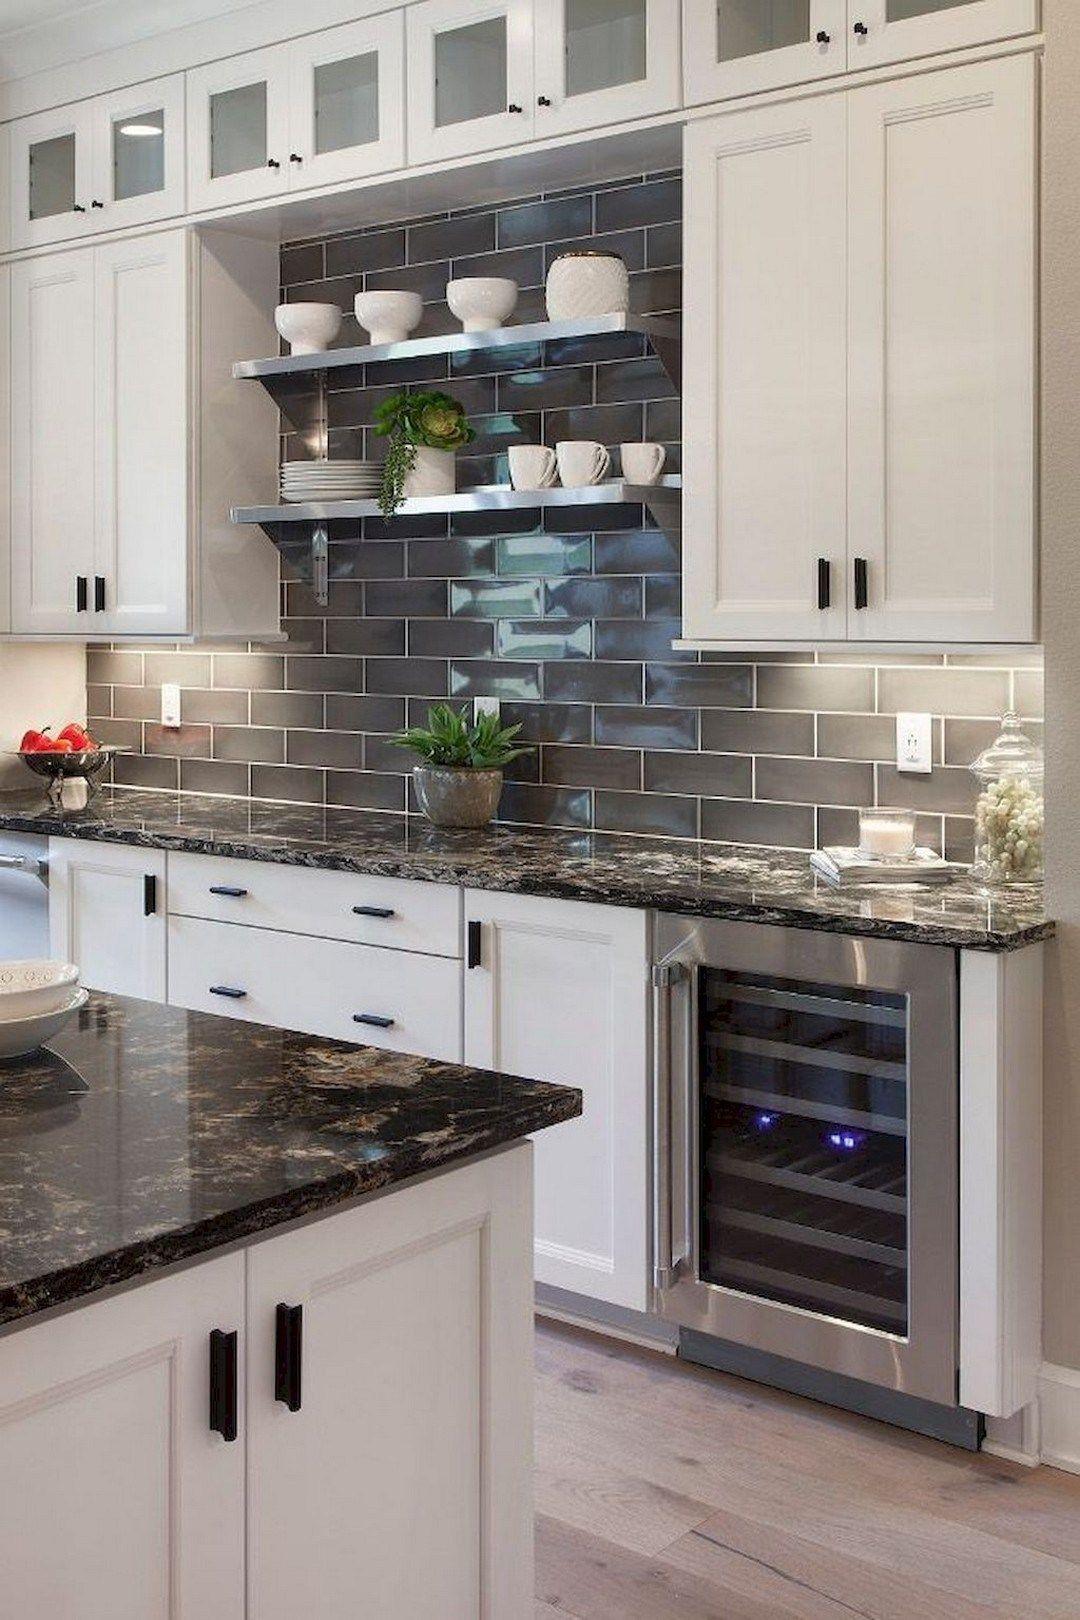 29 Cool Cheap Diy Kitchen Backsplash Ideas 7 In 2020 Kitchen